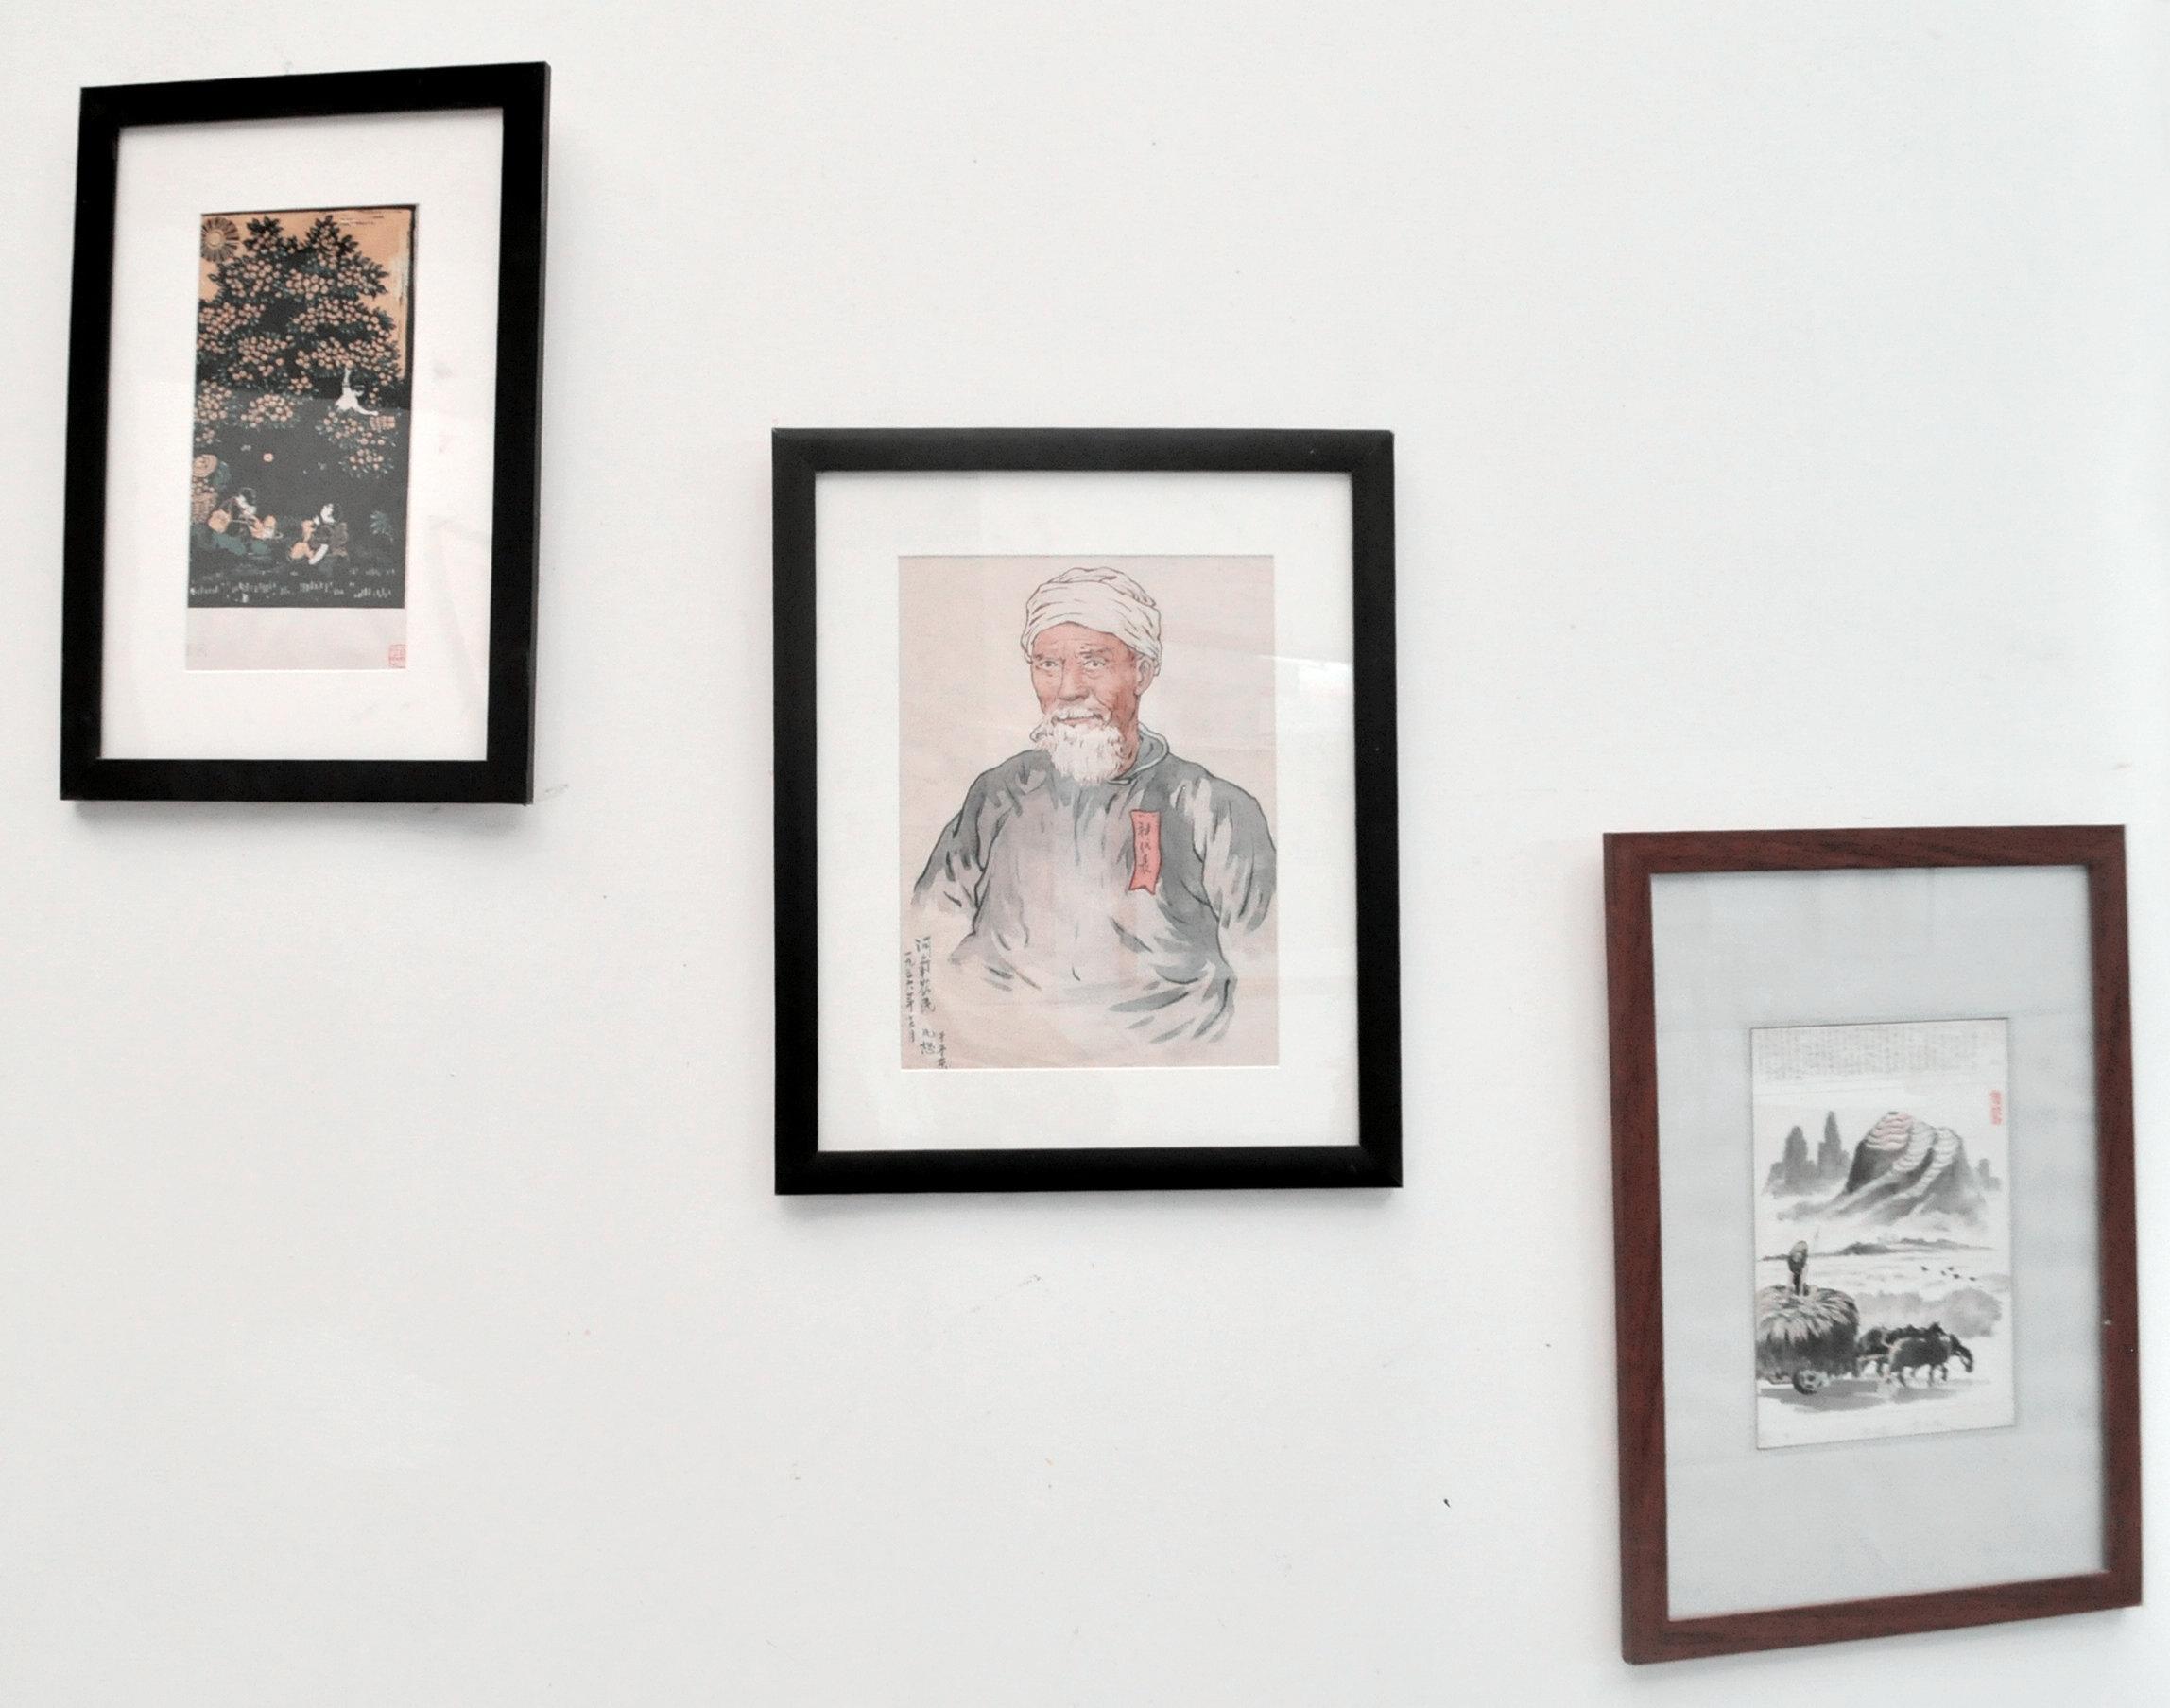 半个世纪的画迹——曾凡恕艺术作品展丨2015北京国际设计周